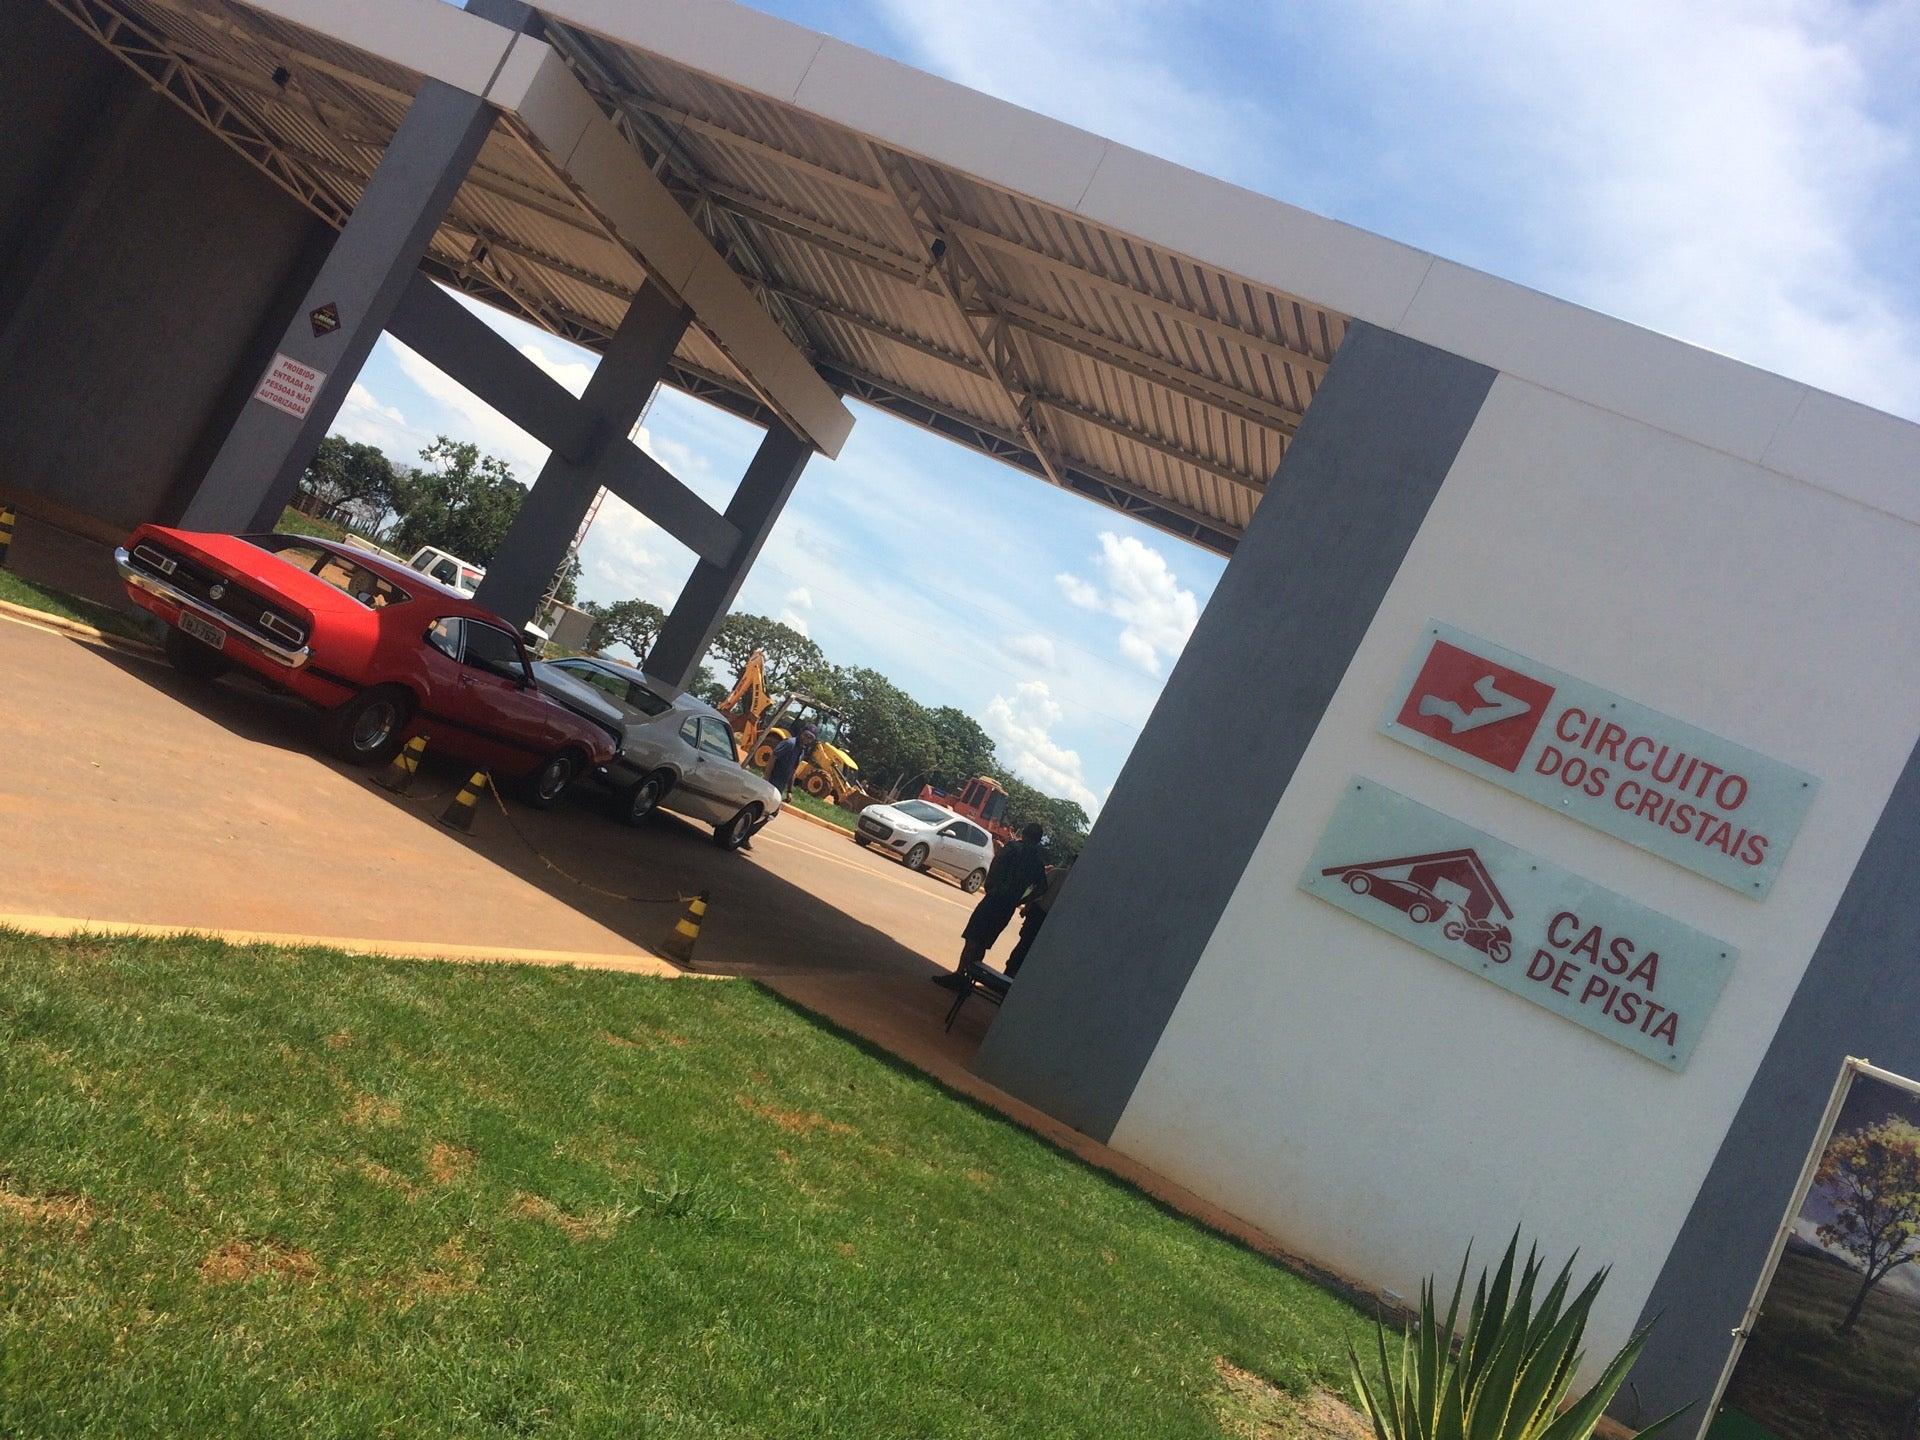 Circuito De Cristais : O que os pilotos da stock car disseram sobre o circuito dos